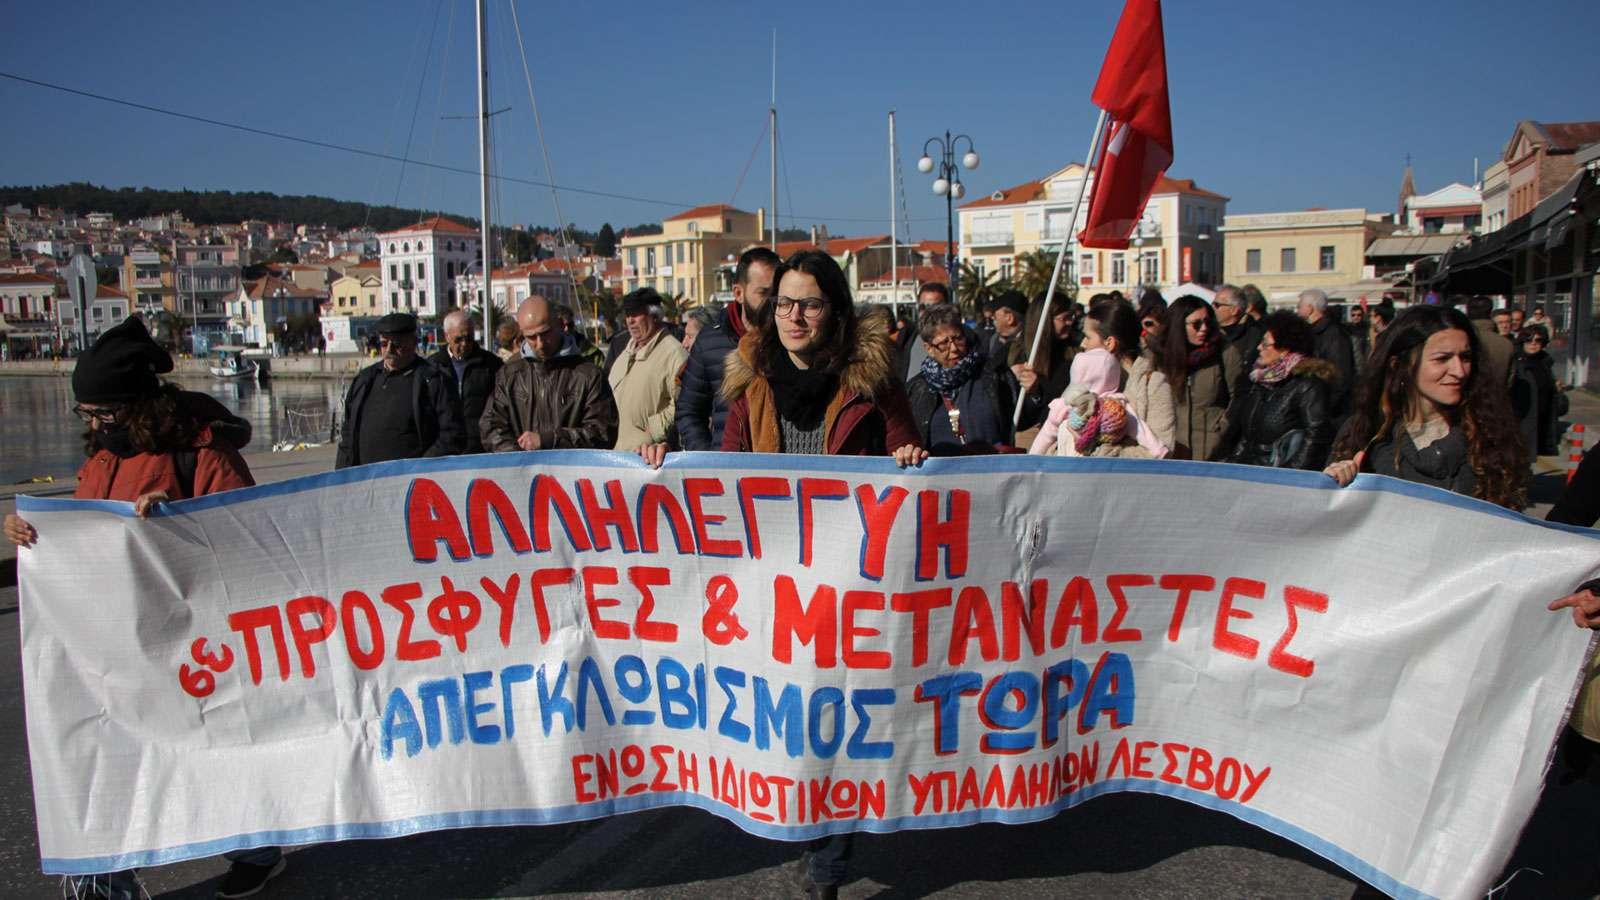 ΛΕΣΒΟΣ-ΣΑΜΟΣ-ΧΙΟΣ Συγκεντρώσεις ενάντια στην πολιτική του εγκλωβισμού και της καταστολής προσφύγων και μεταναστών